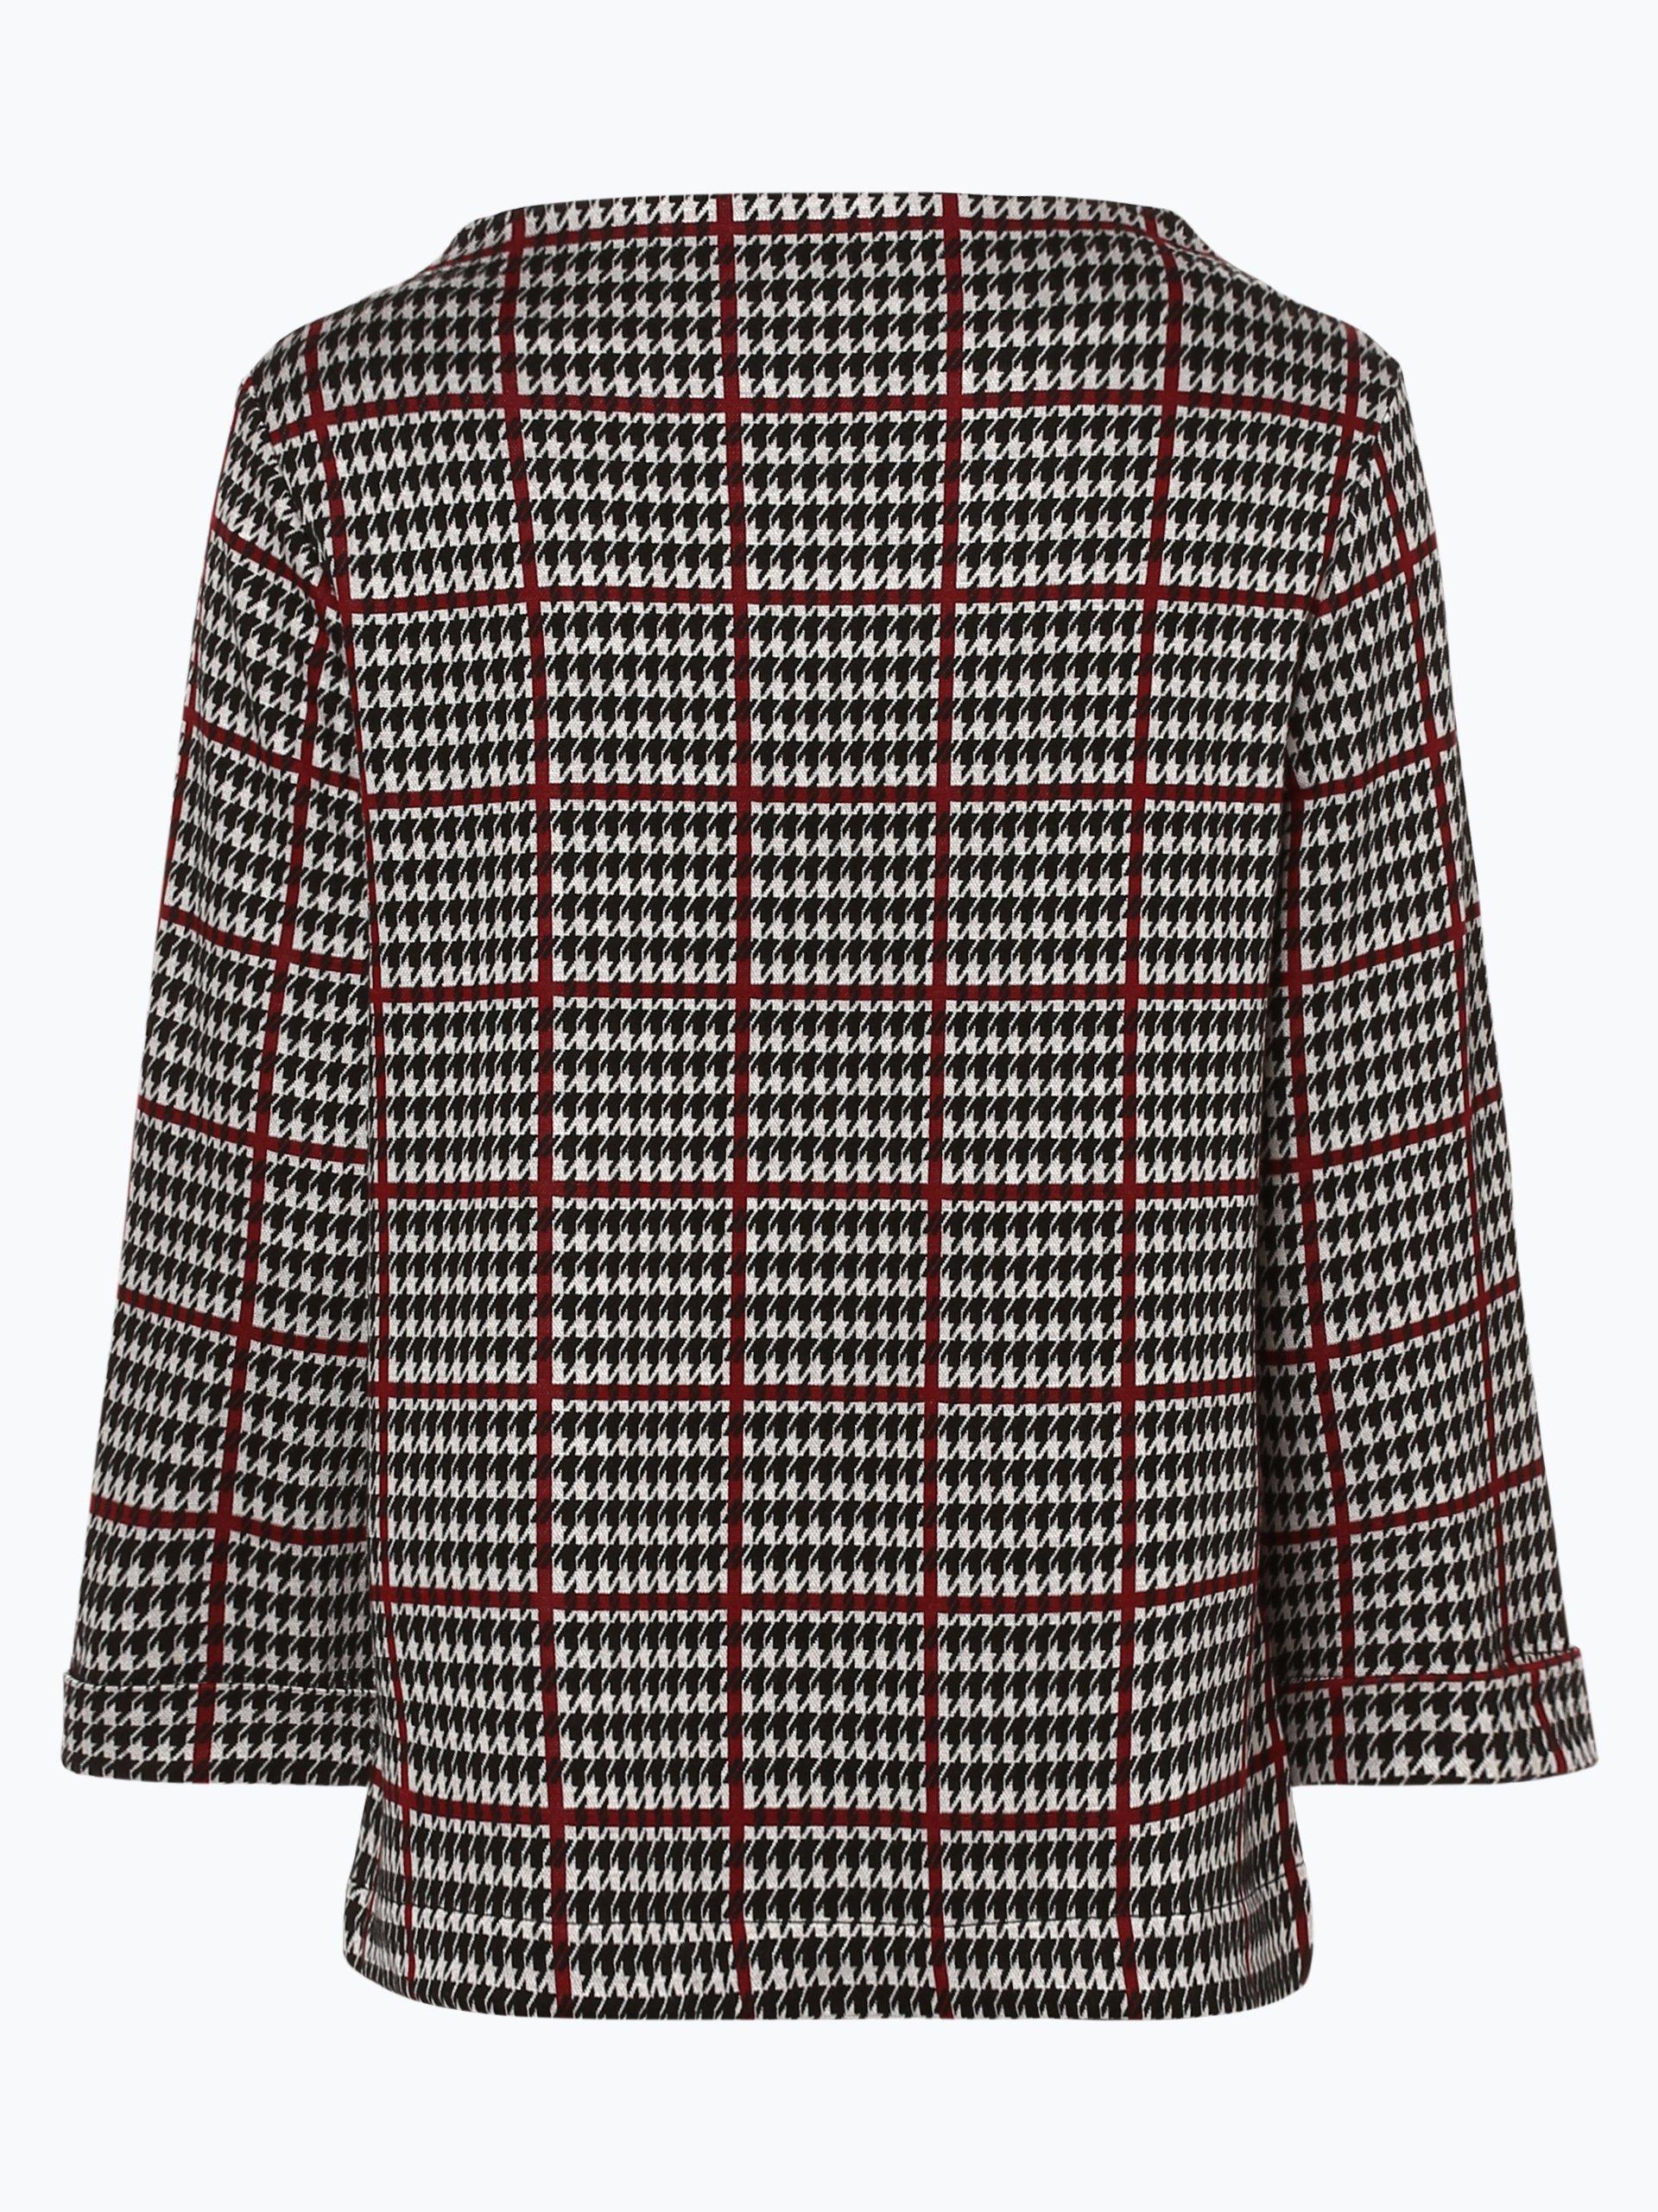 Franco Callegari Damska bluza nierozpinana